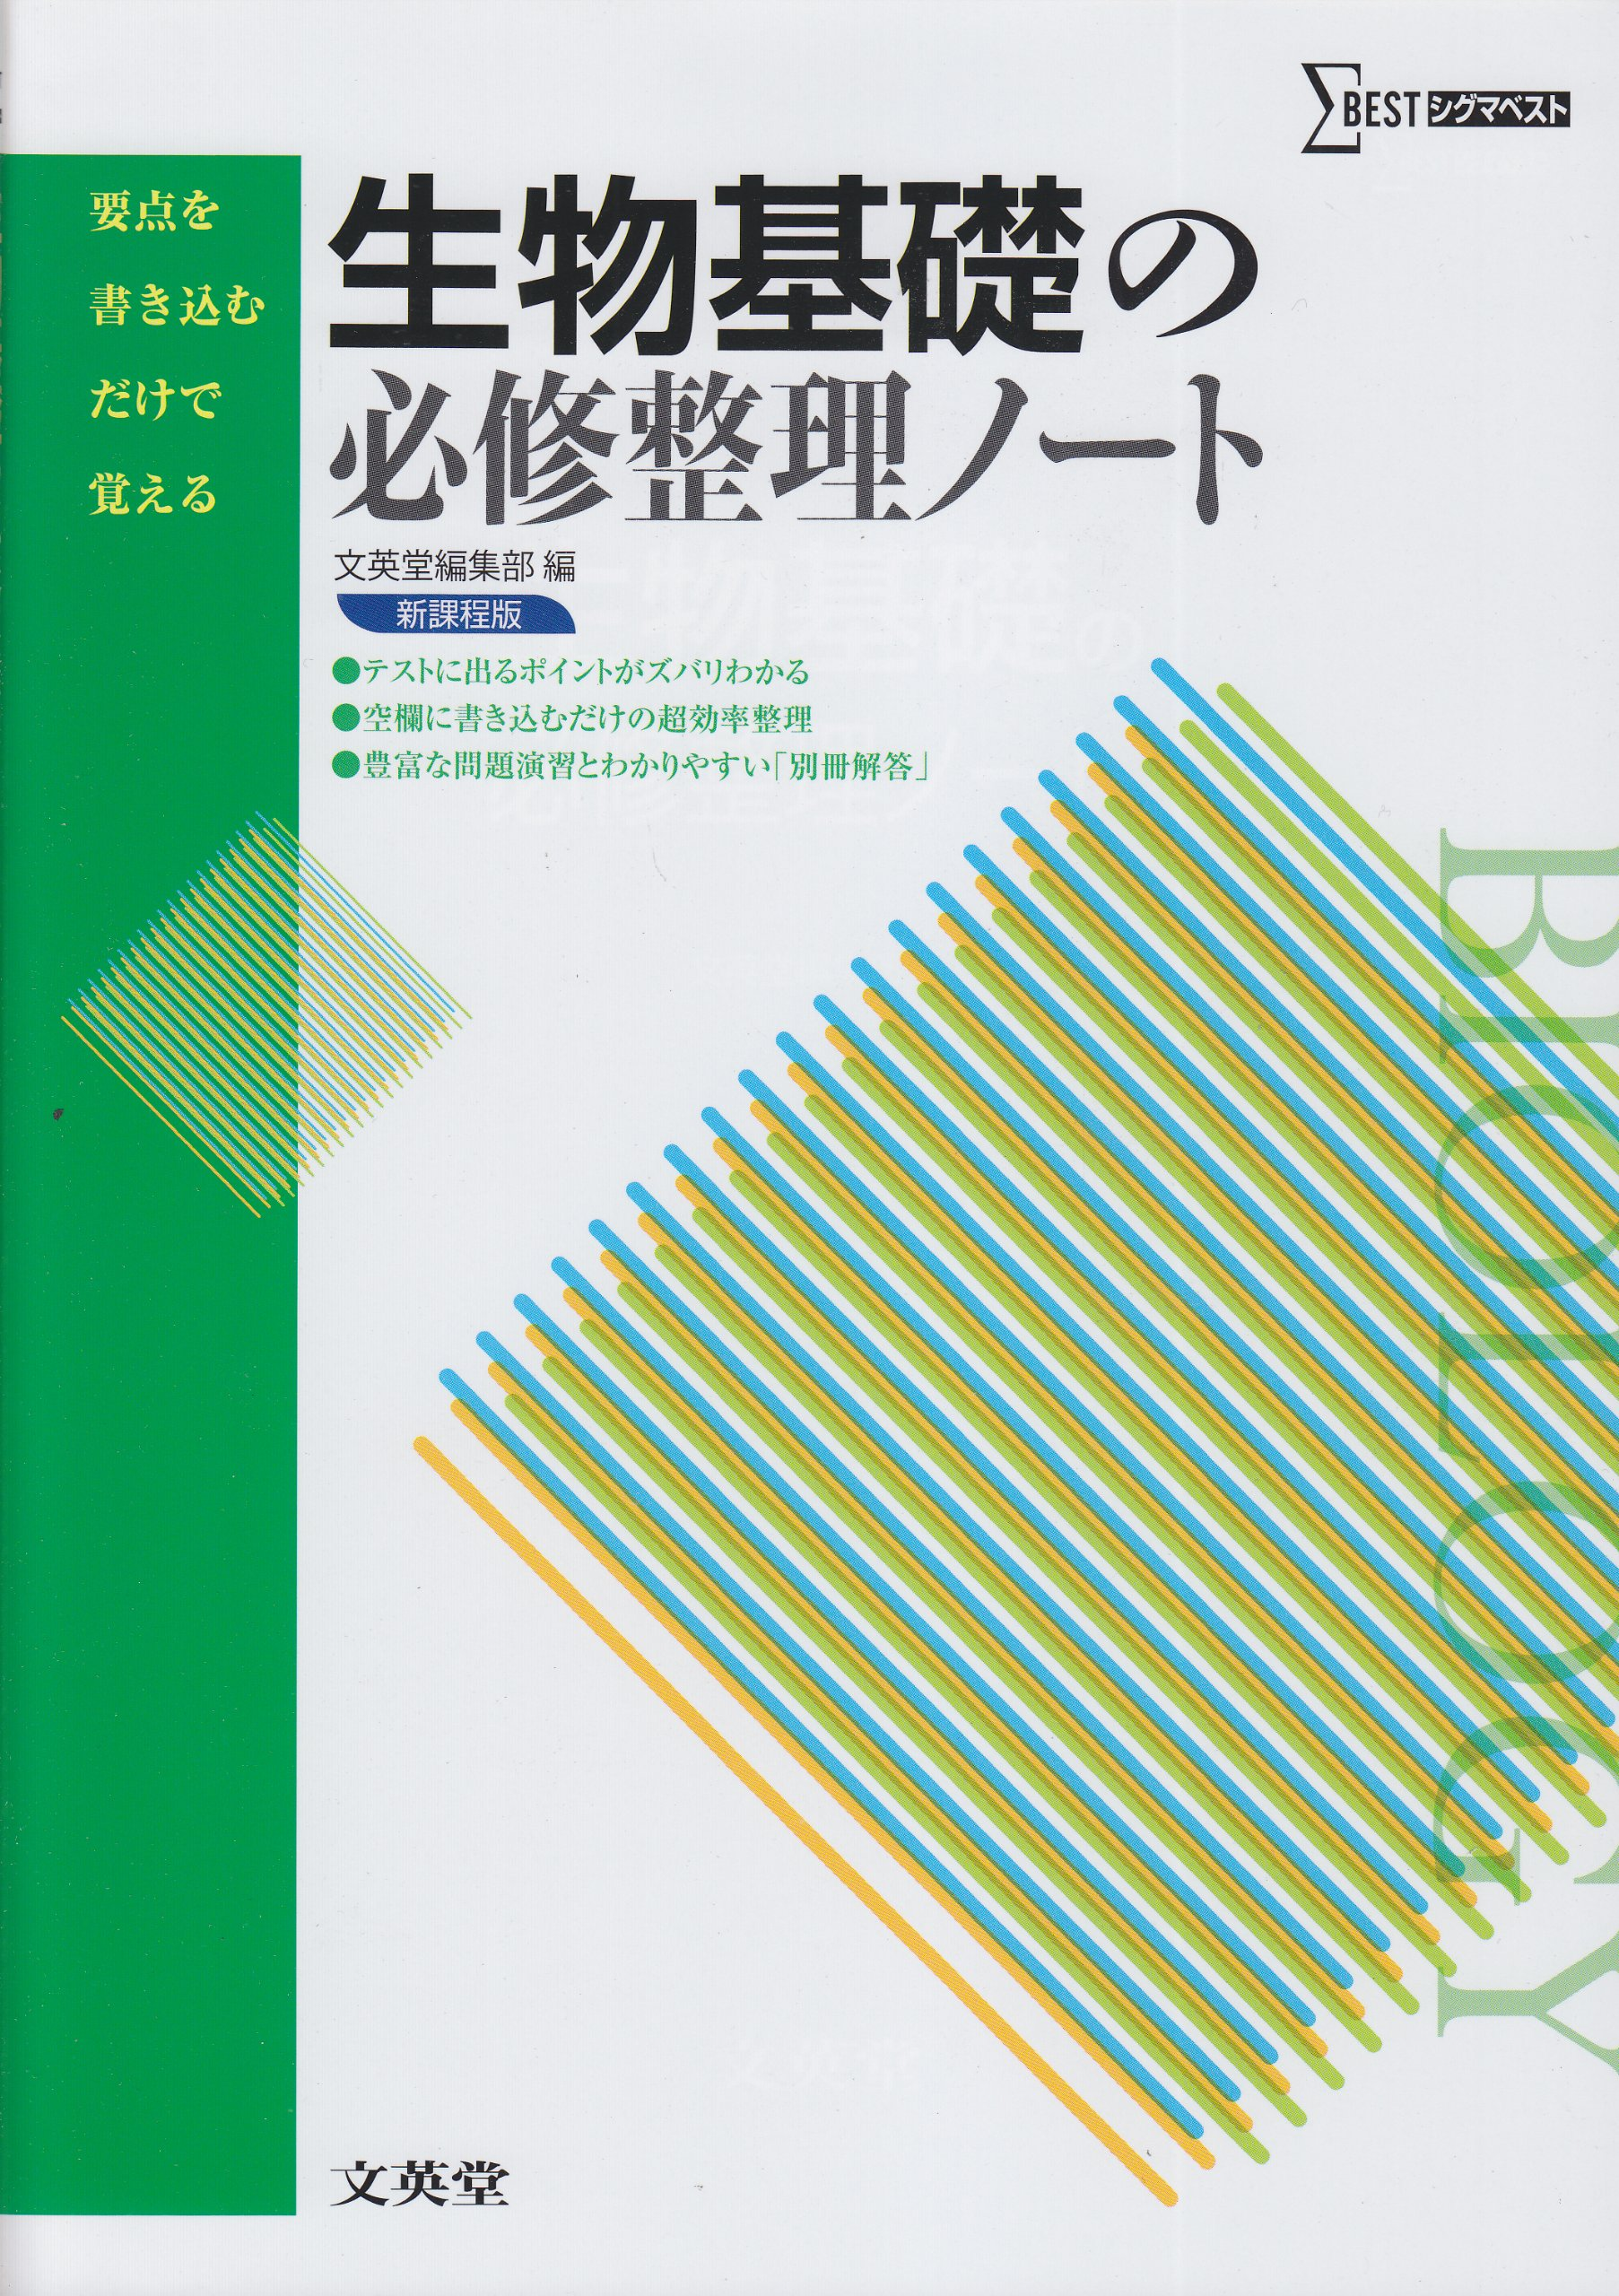 【参考書活用】生物基礎の必修整理ノート 新課程版 (要点を書き込むだけで覚える)